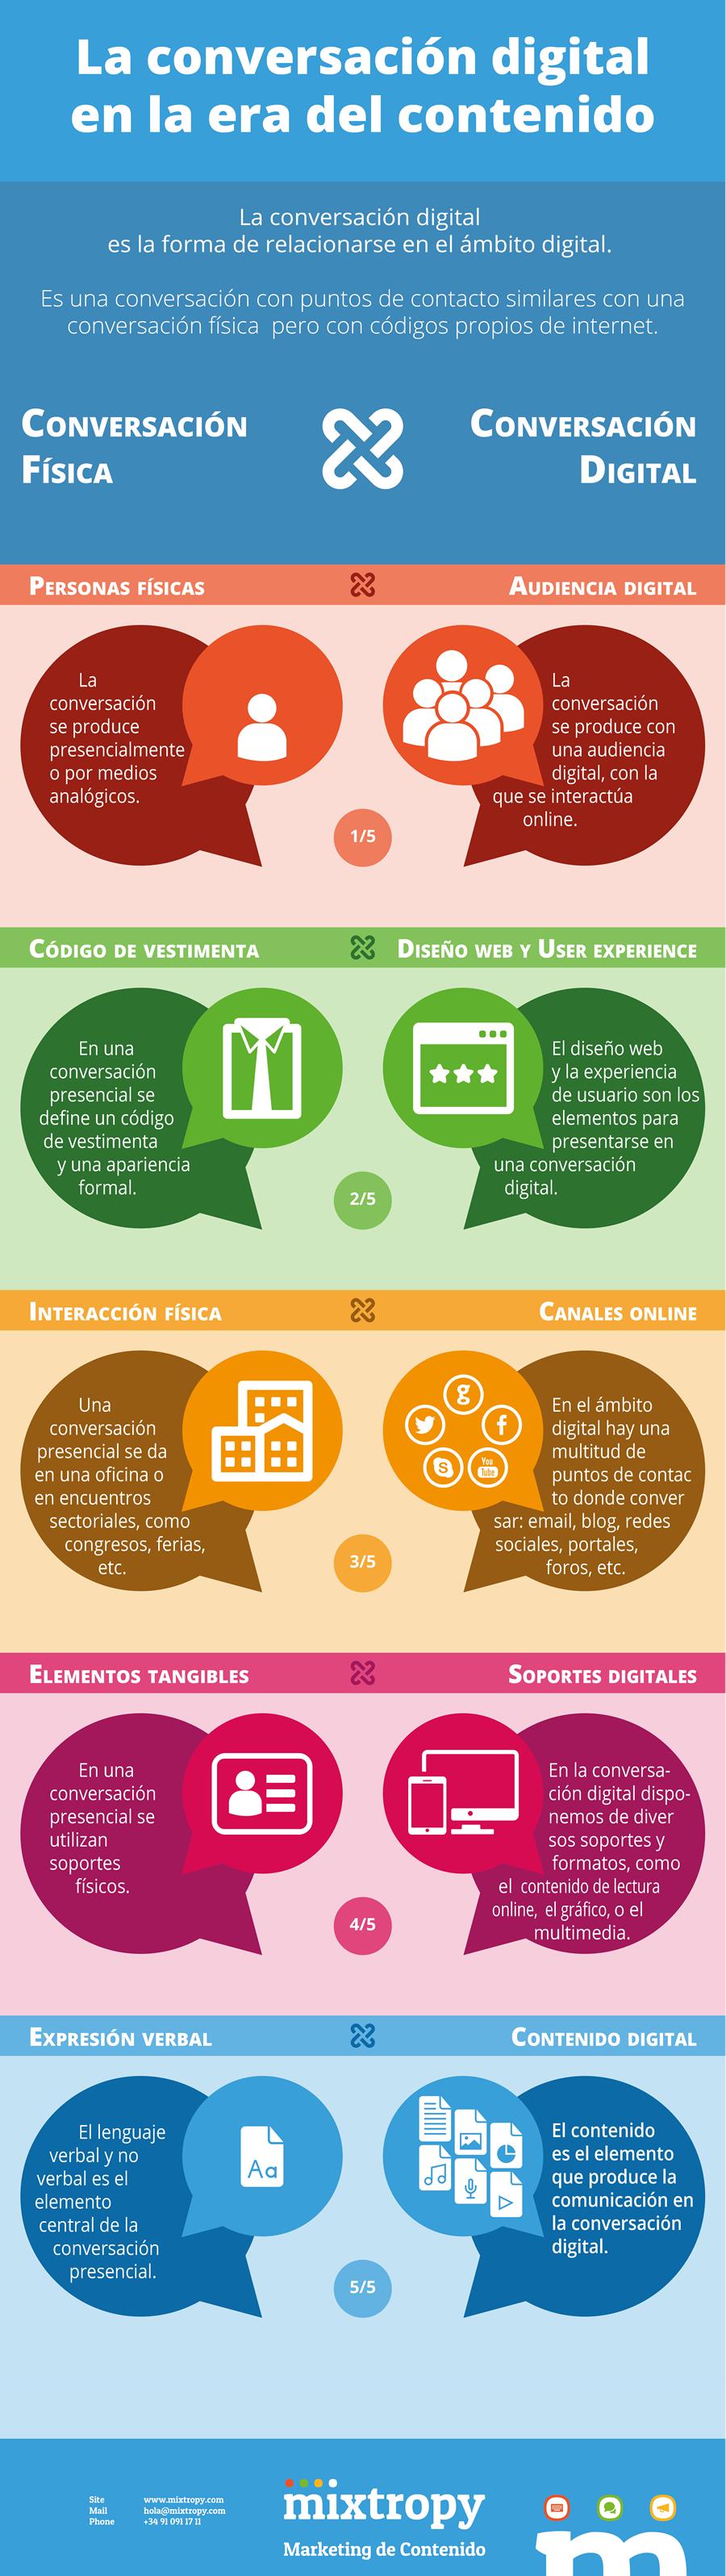 La conversación digital en la era del contenido